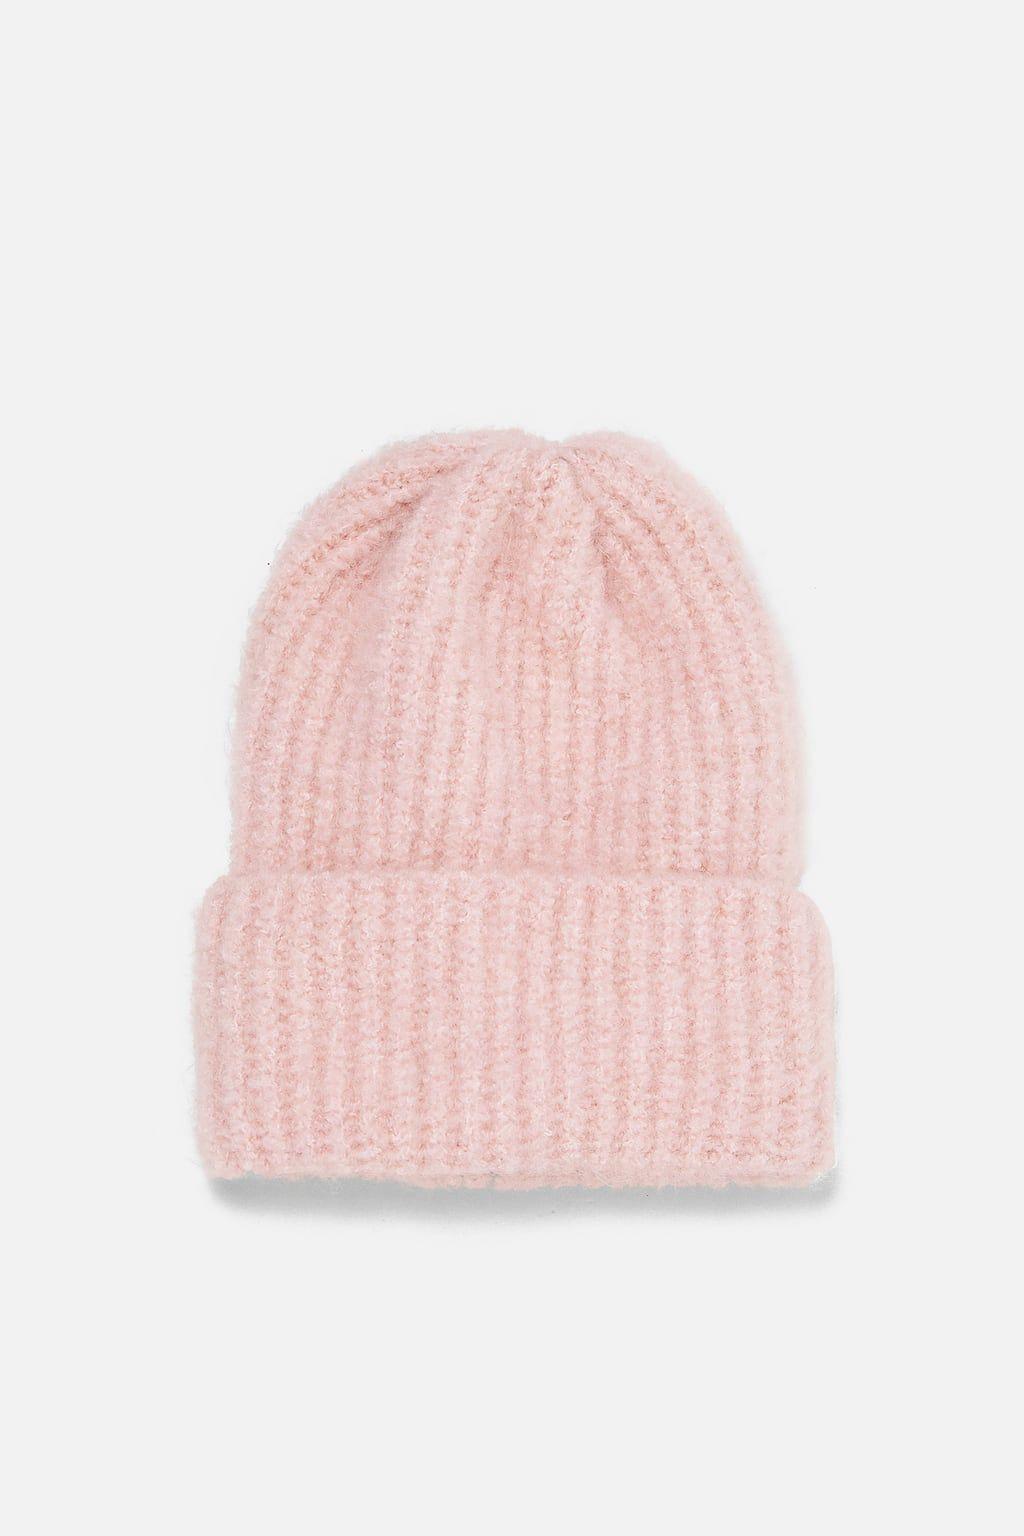 Zdjecie 1 Czapka Typu Beanie Oversize Z Zara Beanie Oversized Beanies Brimmed Hat